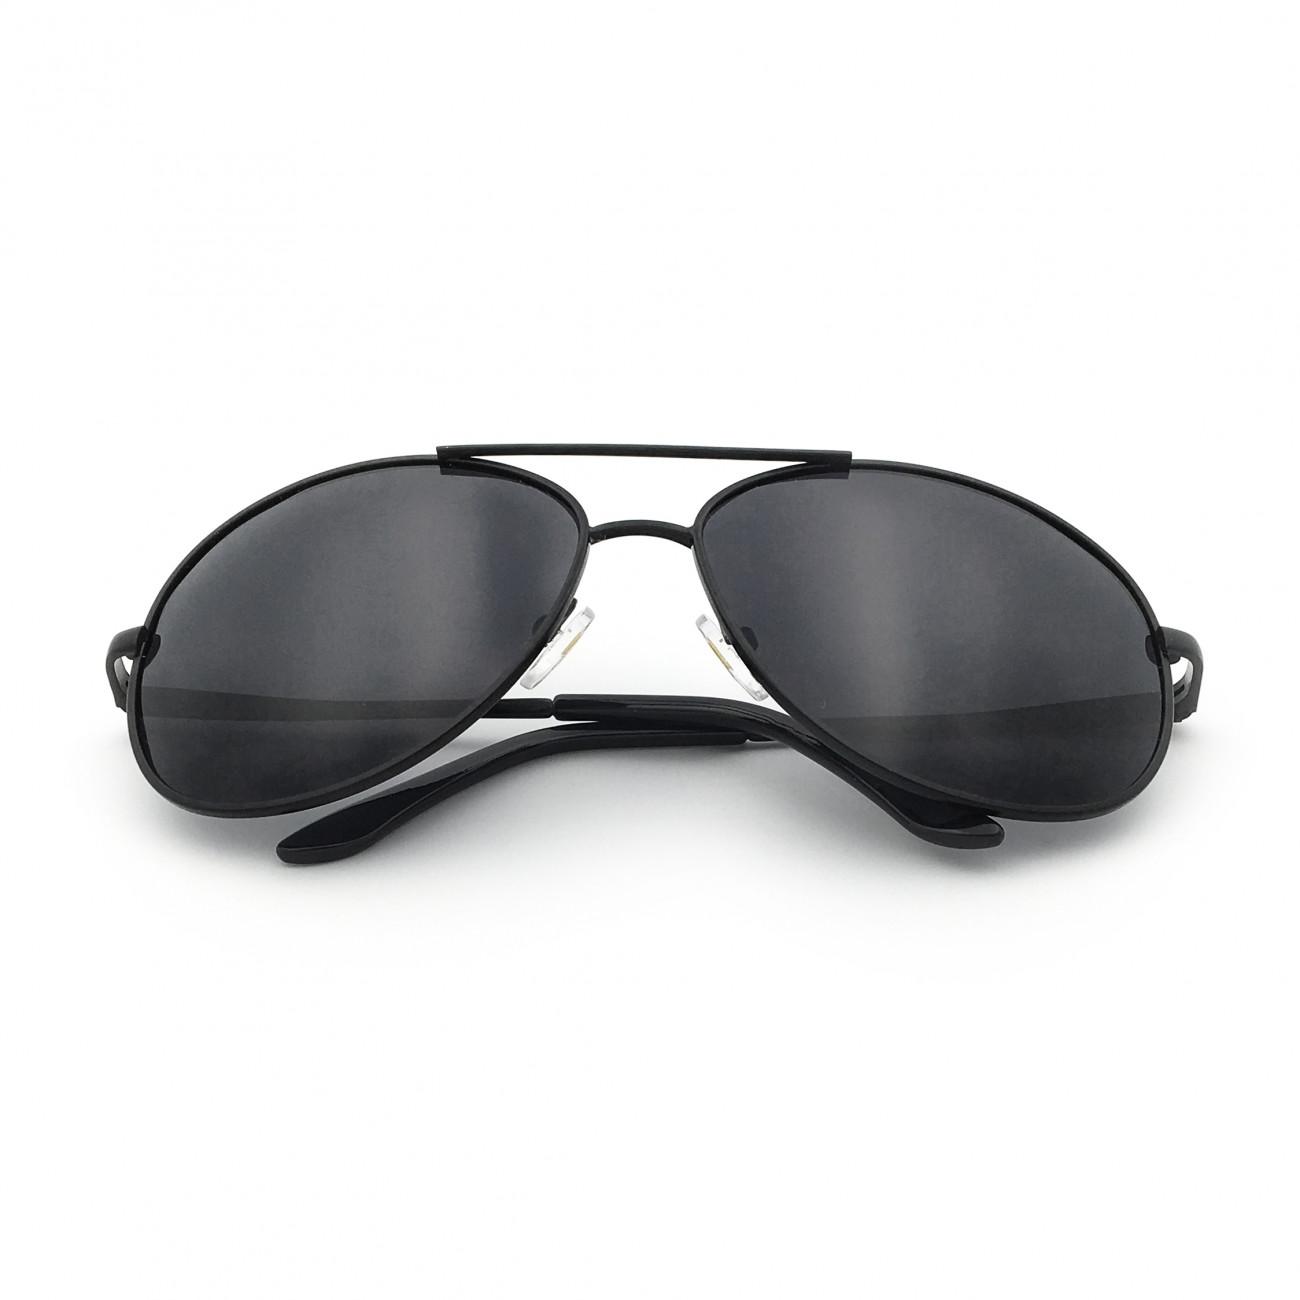 96c39dcec145 J+S Premium Military Style Classic Aviator Sunglasses